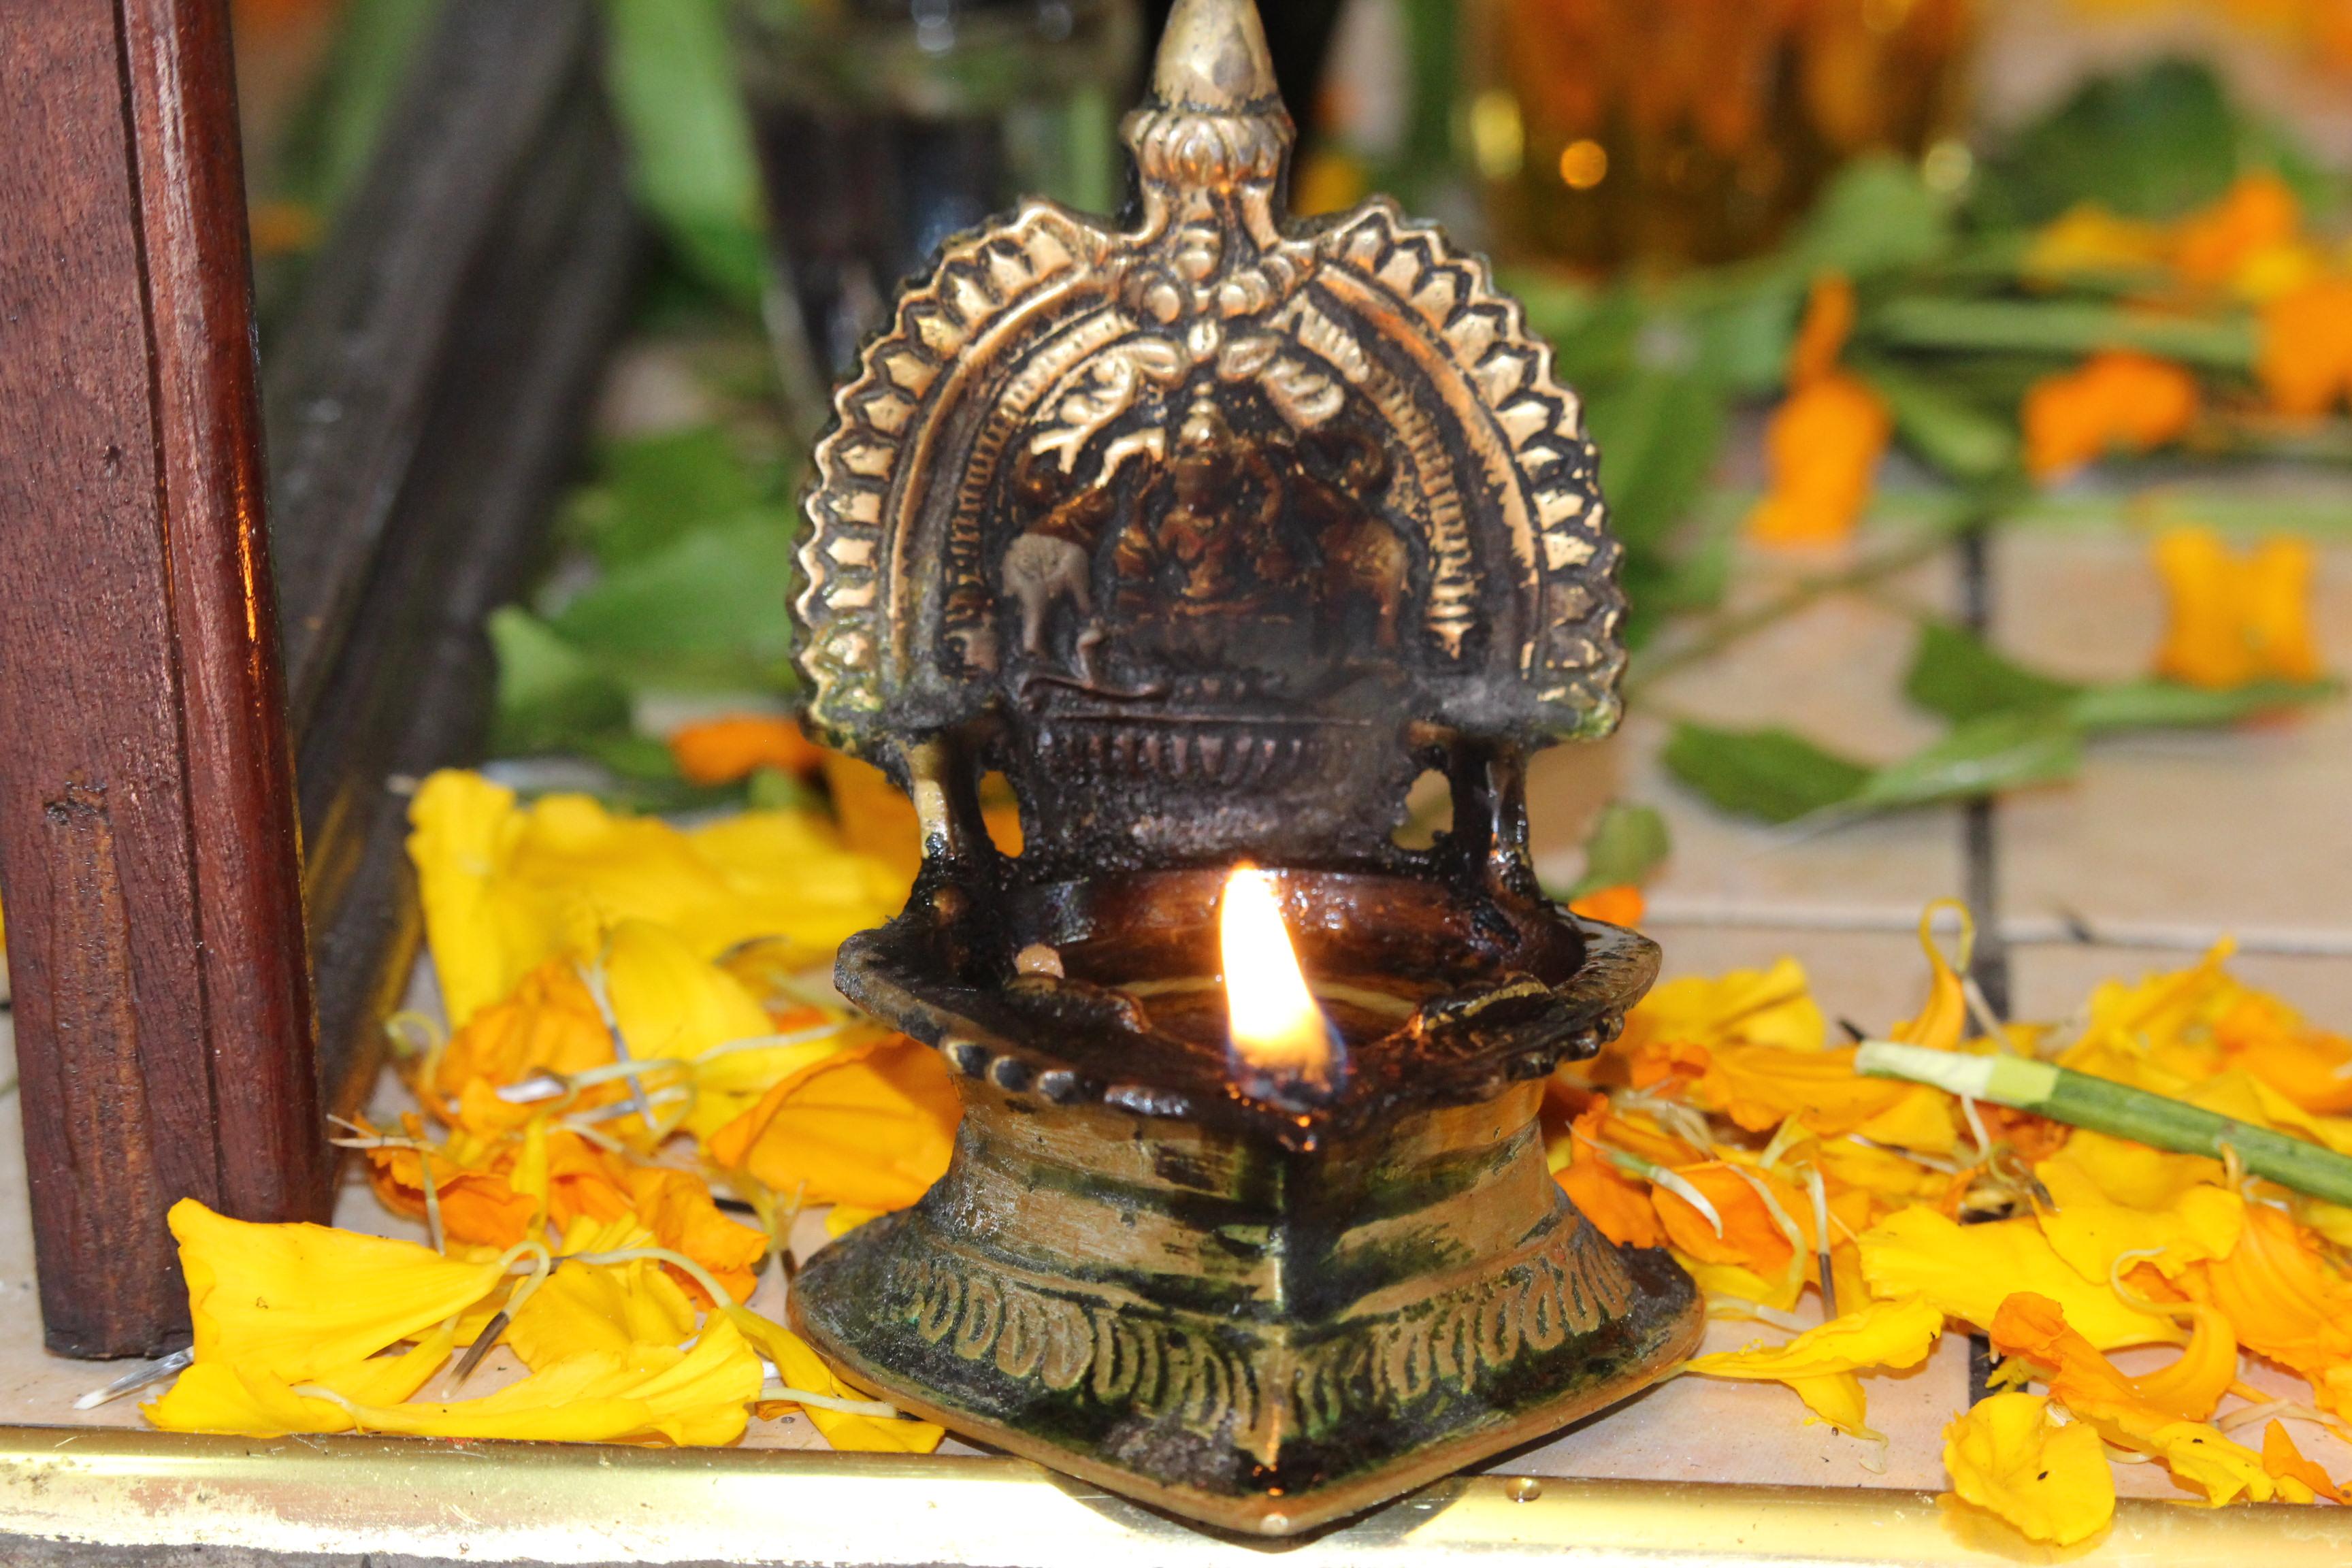 L Importance De La Lampe Dans La Culture Hindoue